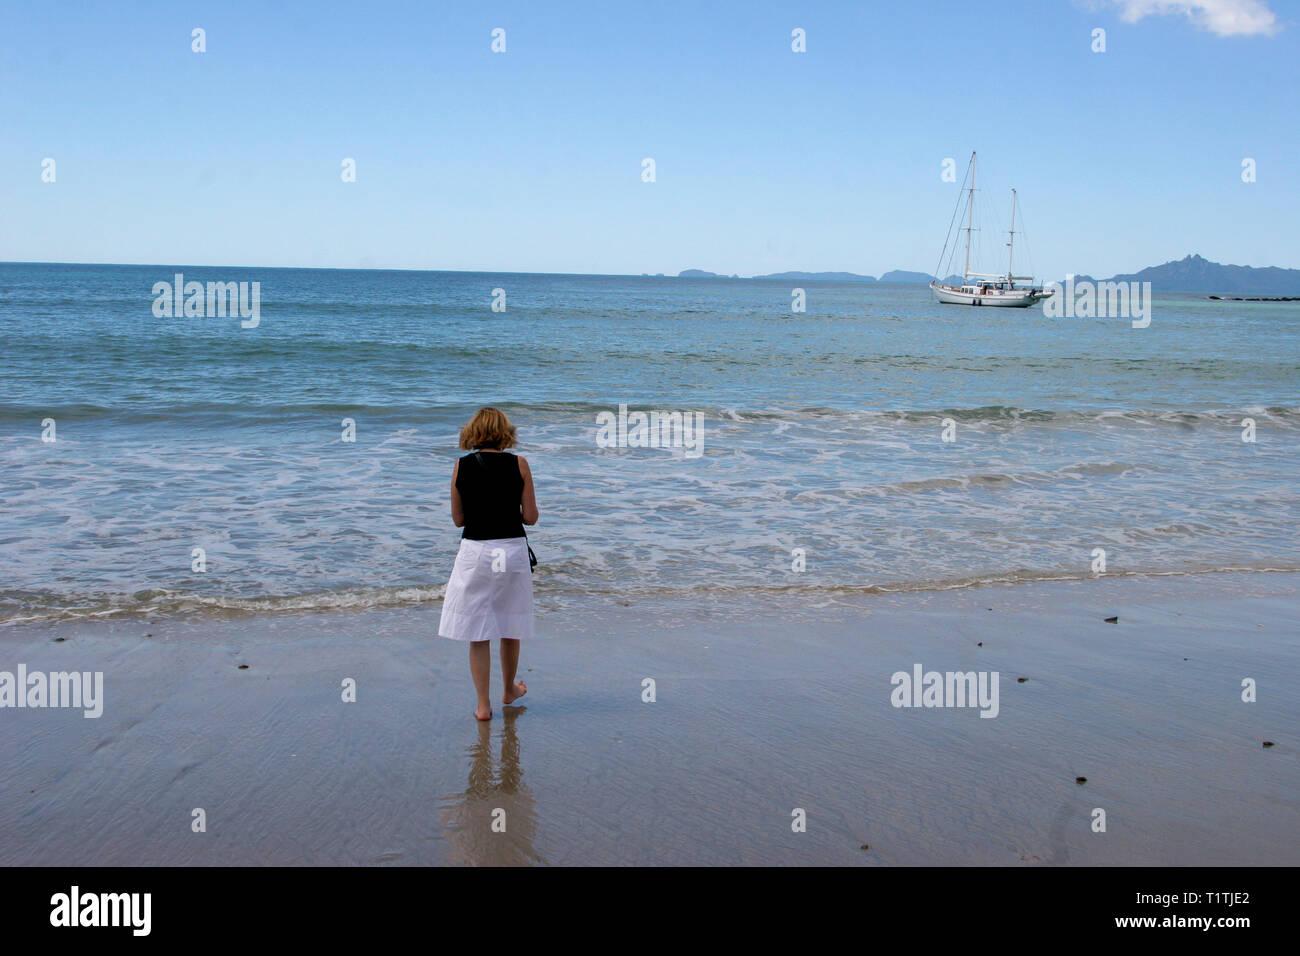 Nuova Zelanda donna alla spiaggia guardando i trend con orizzonte di riferimento e sailingboat per ancora Immagini Stock